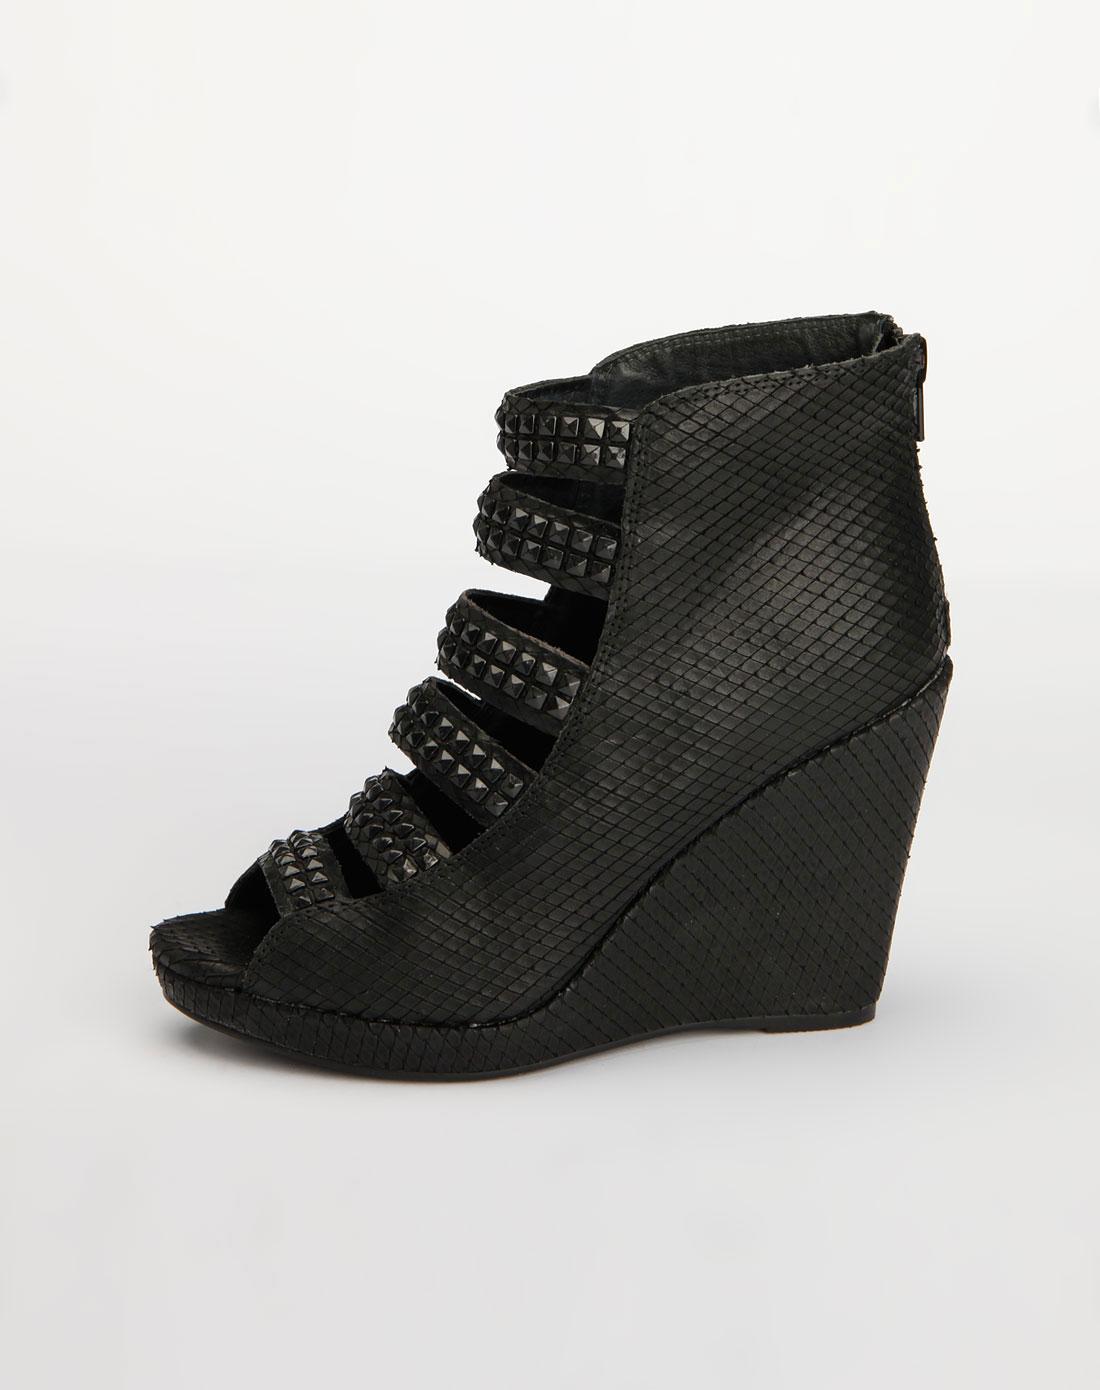 思加图staccato黑色蛇纹时尚高跟凉鞋